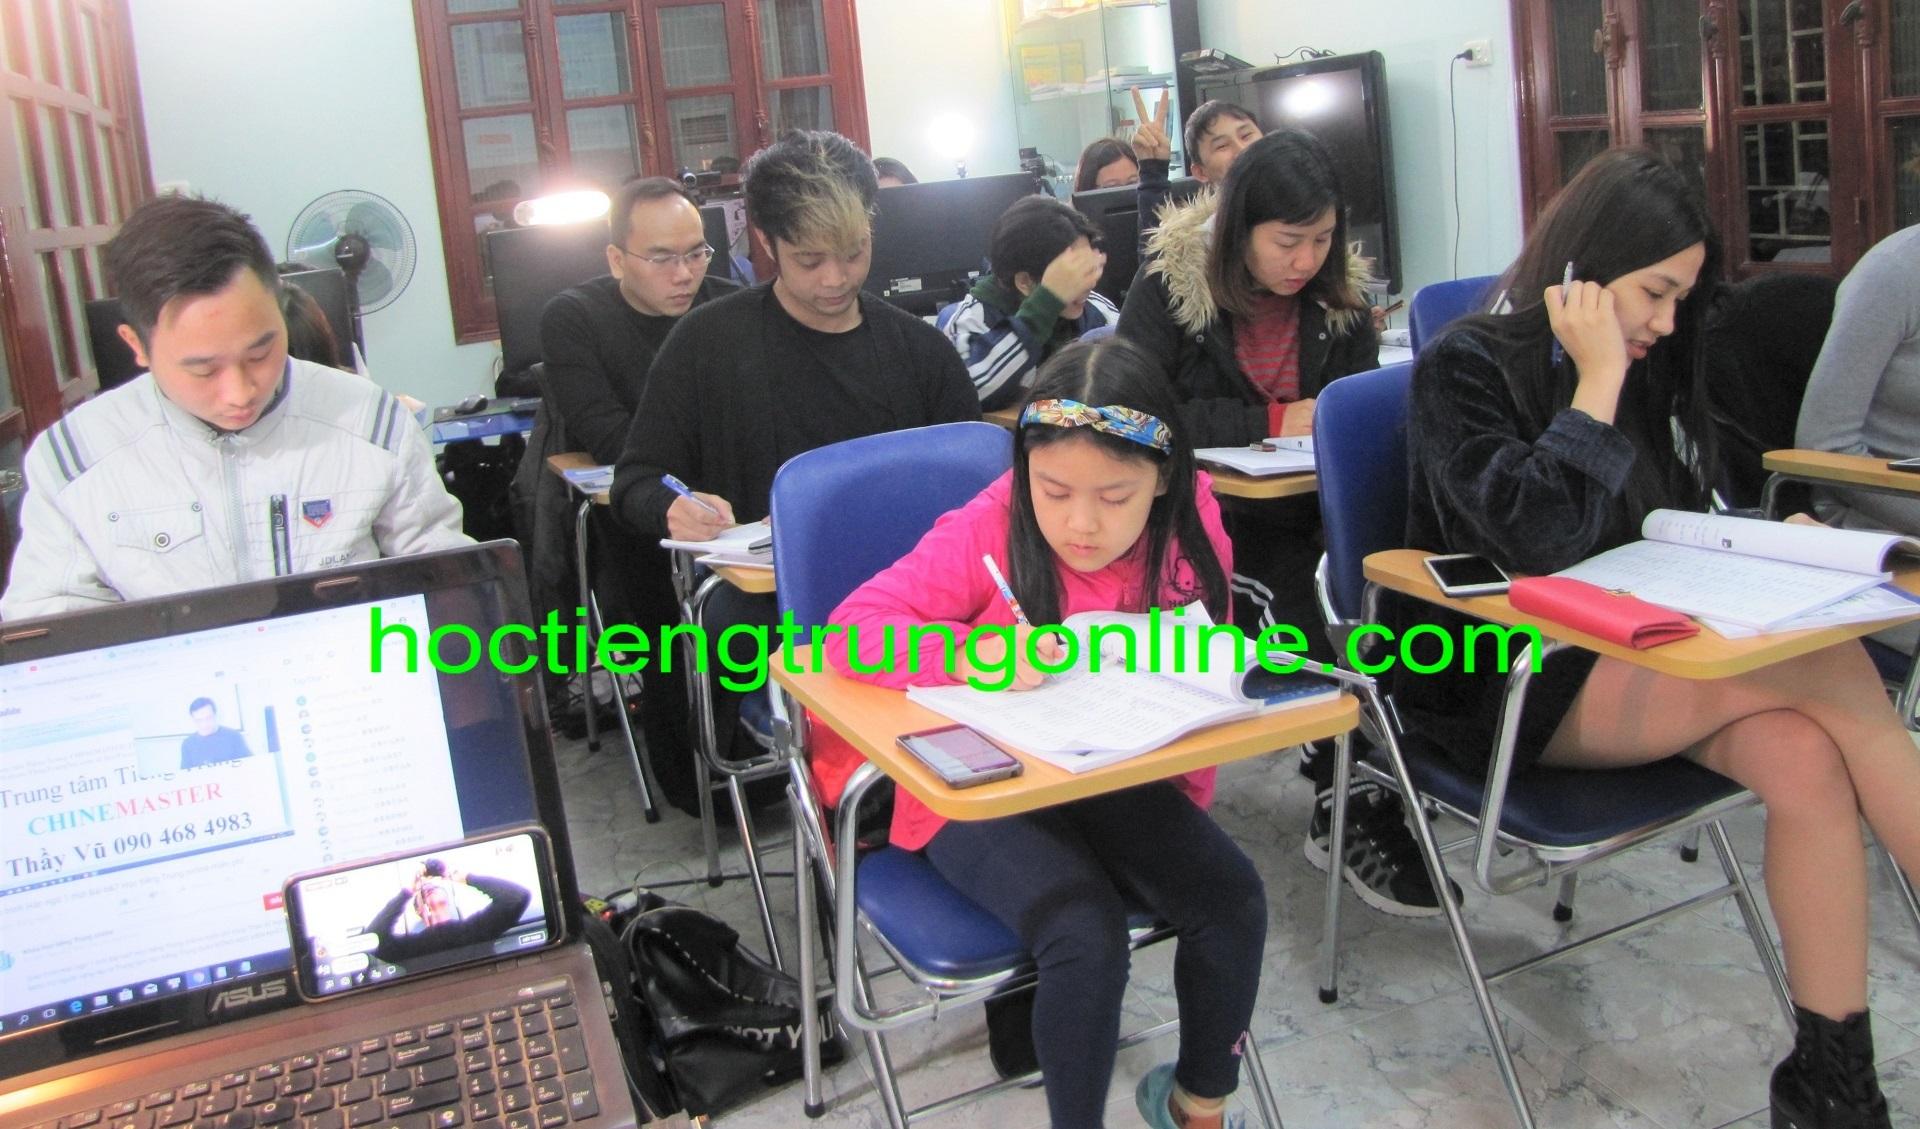 Học tiếng Trung online Thầy Vũ Trung tâm tiếng Trung ChineMaster 7